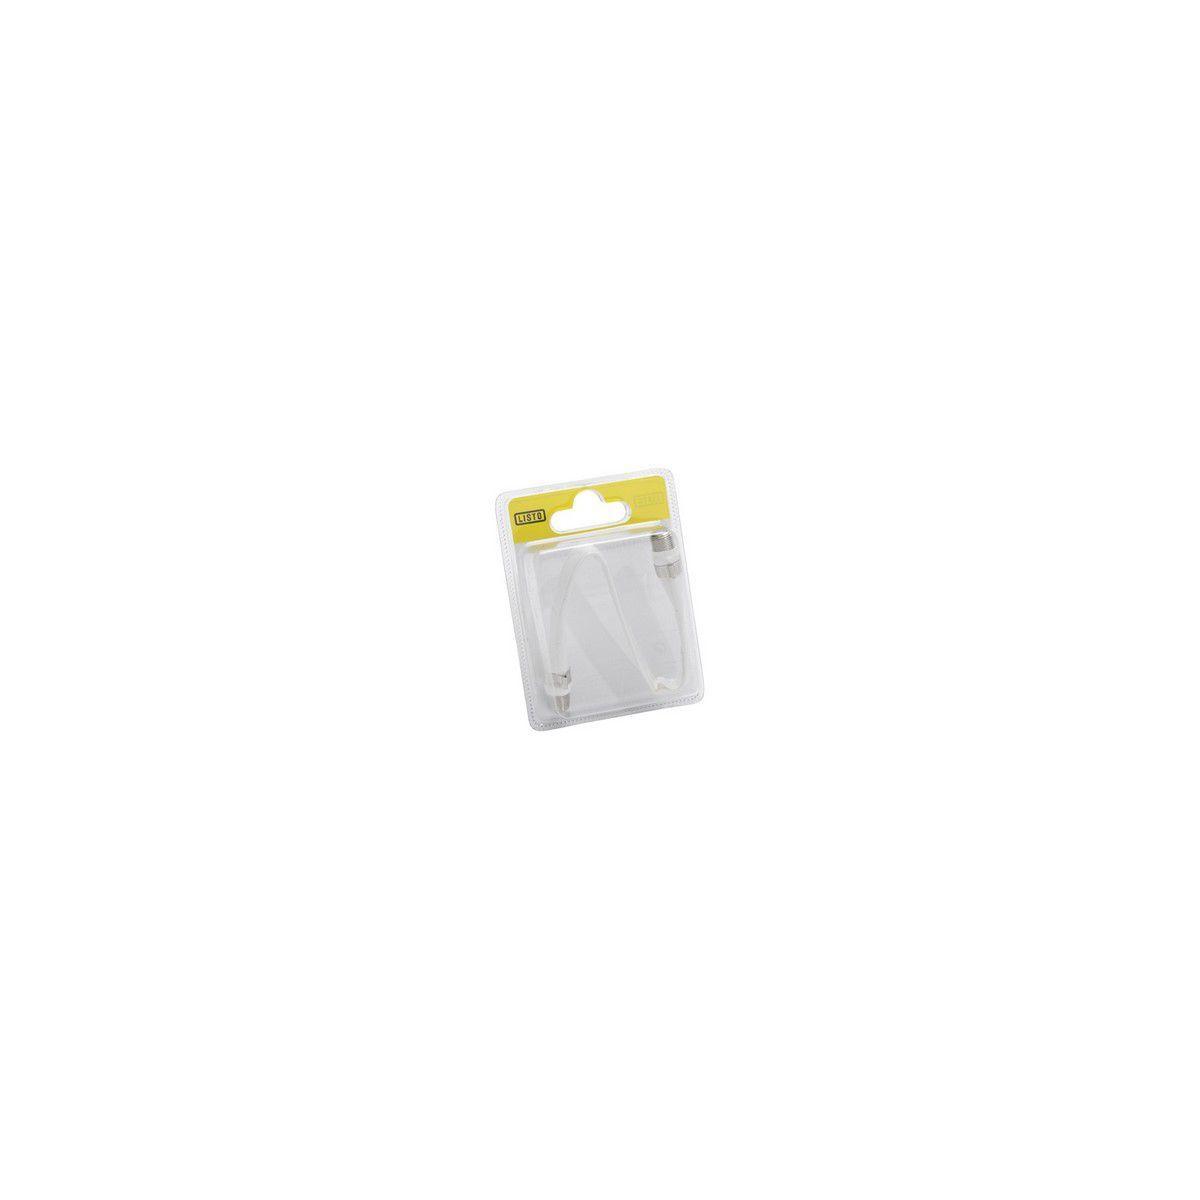 Cordon sc 0m40-plat f/f pour fenêtre - produit coup de coeur webdistrib.com ! (photo)